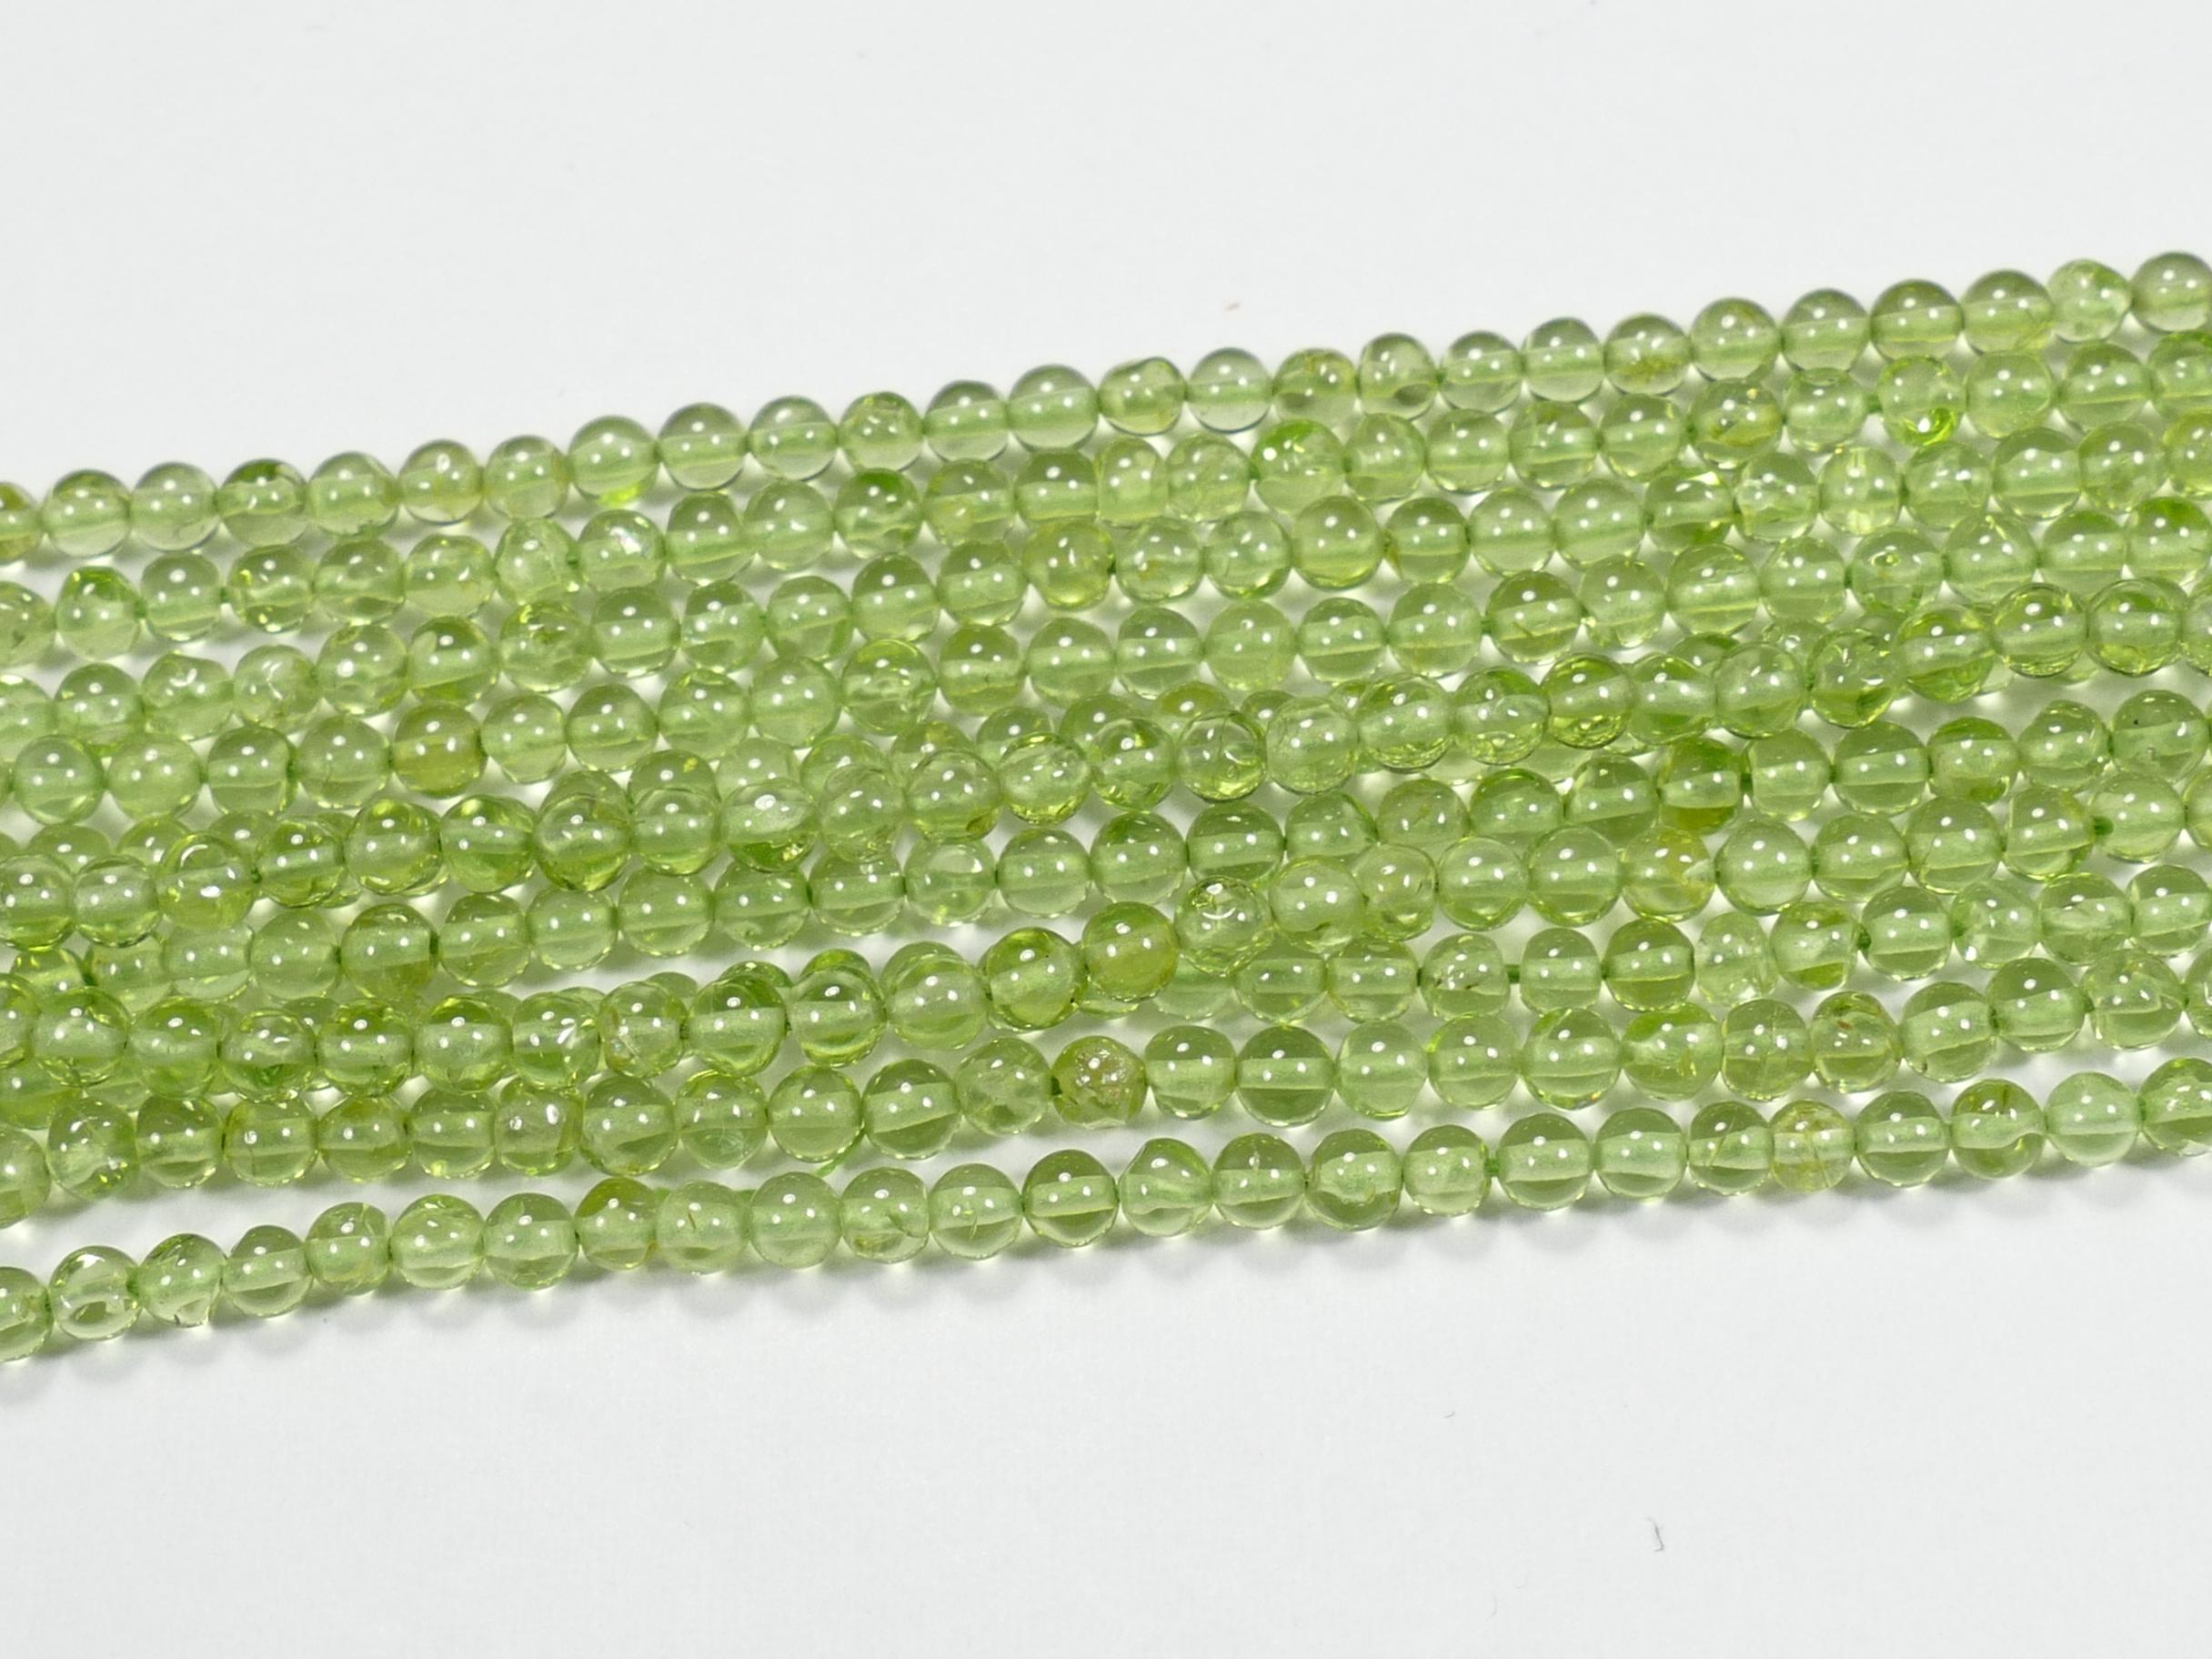 2.7/3mm Perles de Péridot naturel ronde lisse boule x33cm (13inch) (#AC895)